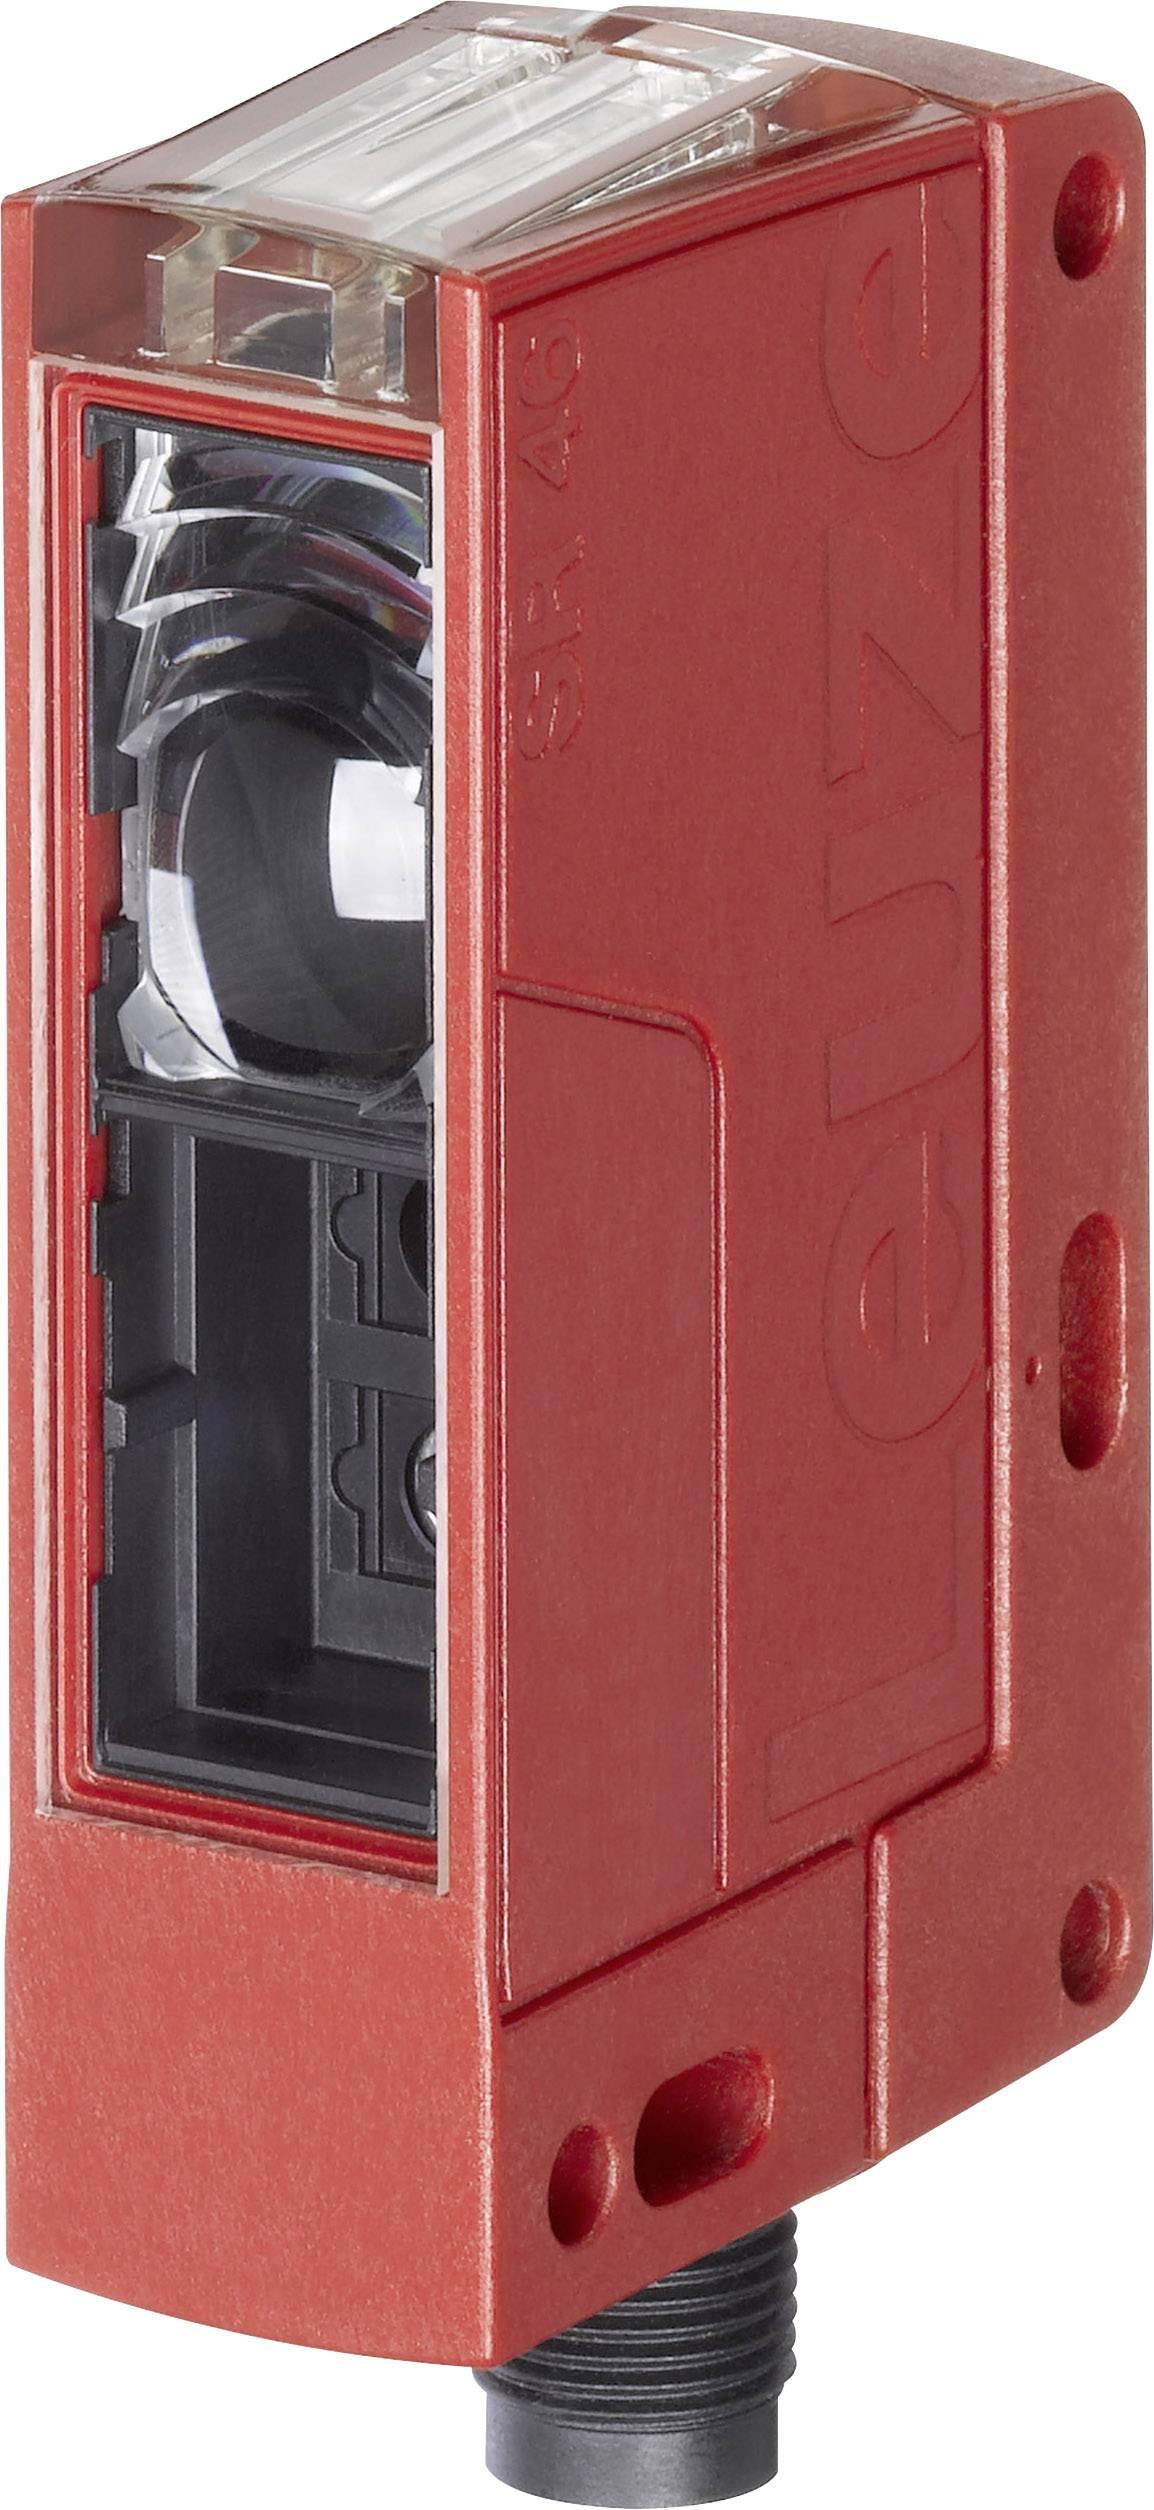 Laserový relexní světelný snímač Leuze Electronic HT46CL1/4P-M12